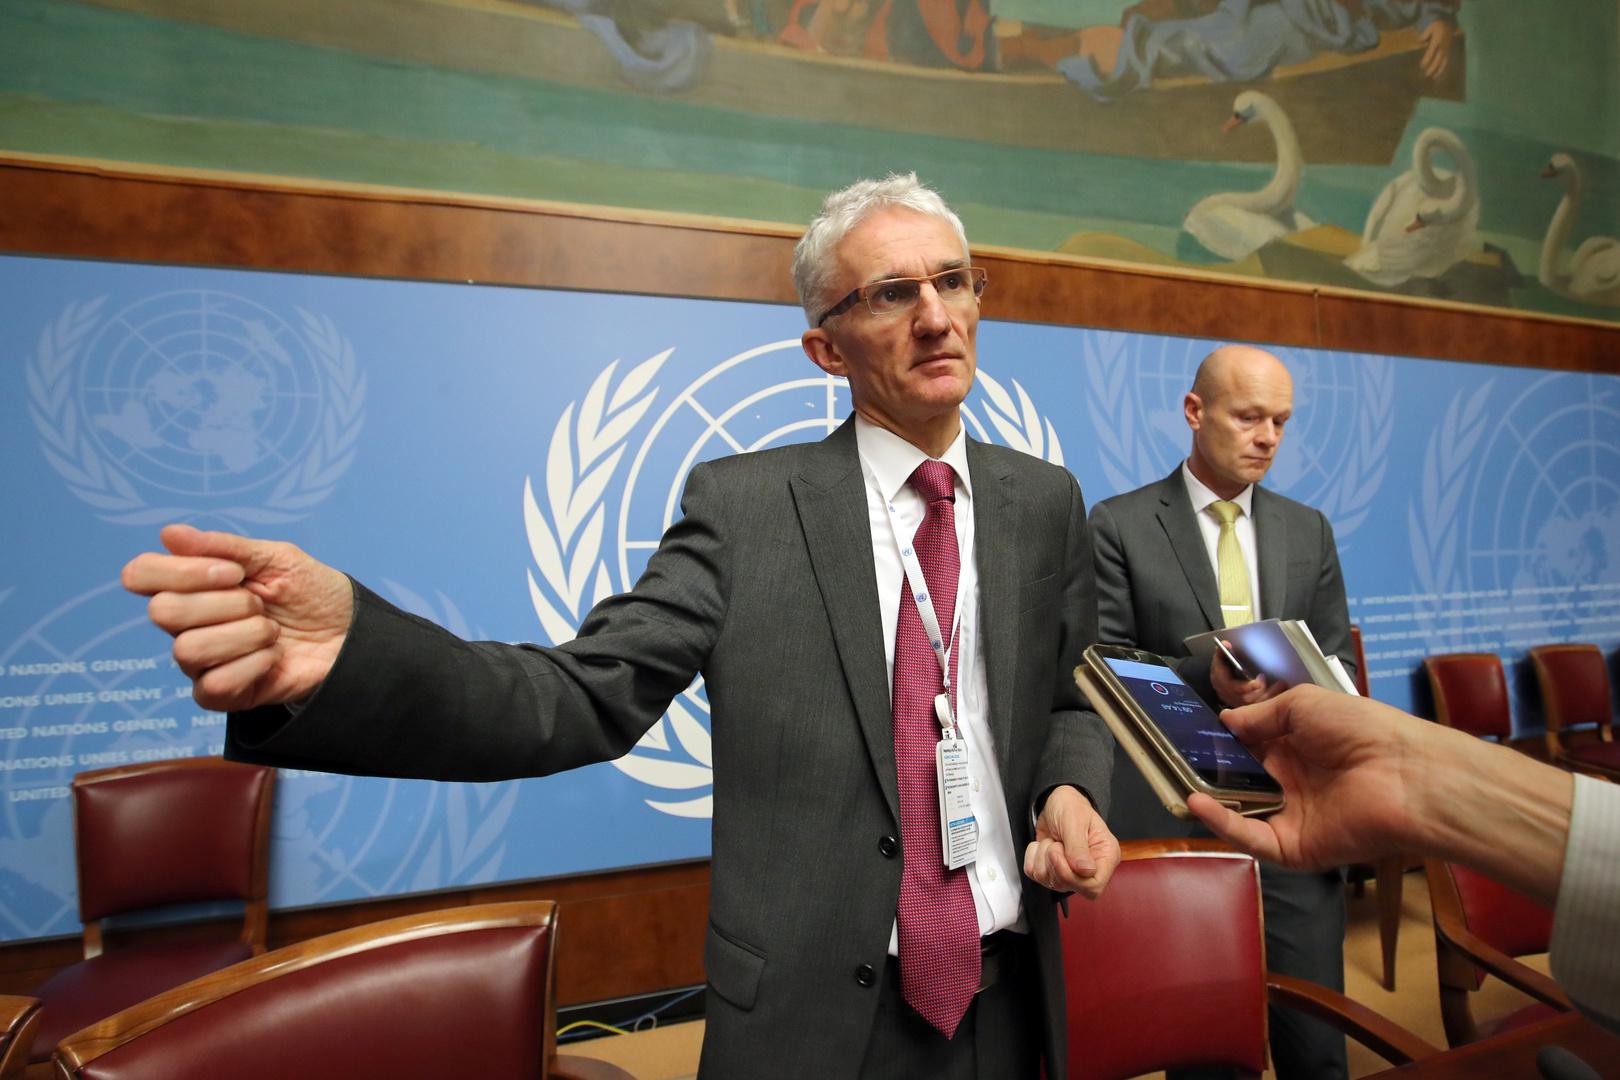 الأمم المتحدة تخصص 100 مليون دولار لمحاربة الجوع في العالم